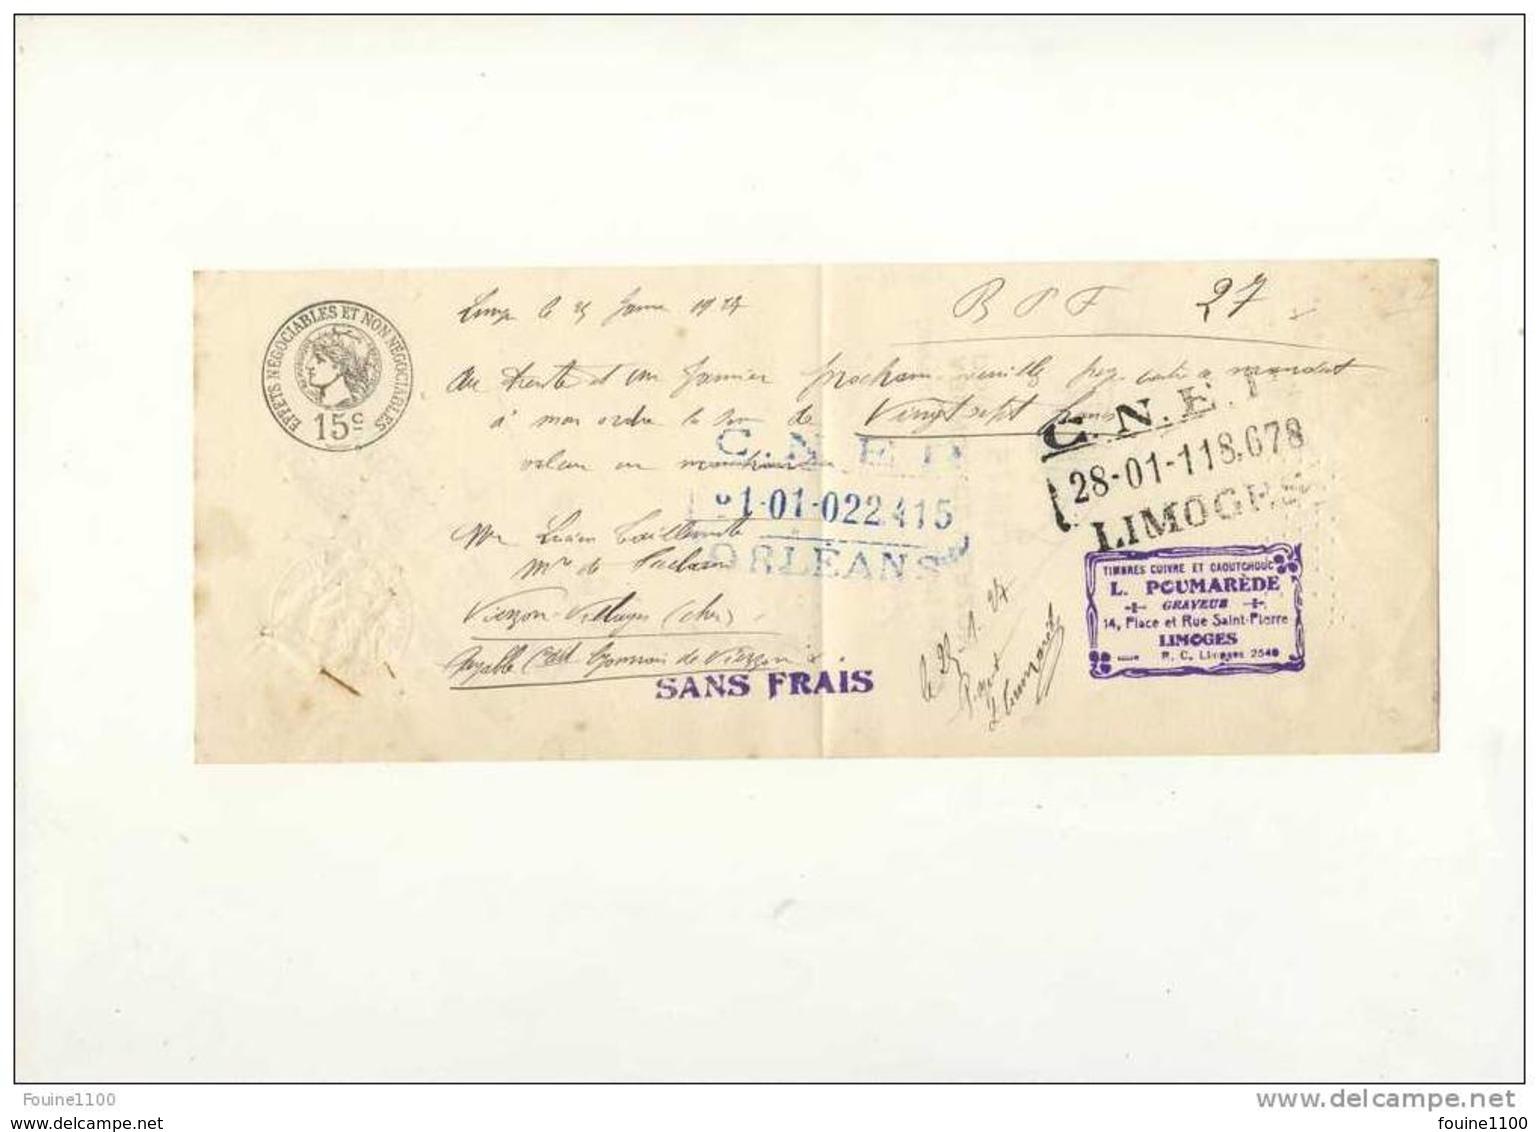 MANDAT Timbres Cuivre Et Caoutchouc POUMAREDE Graveur 14 Place Et Rue Saint Pierre à LIMOGES 1927 - Lettres De Change